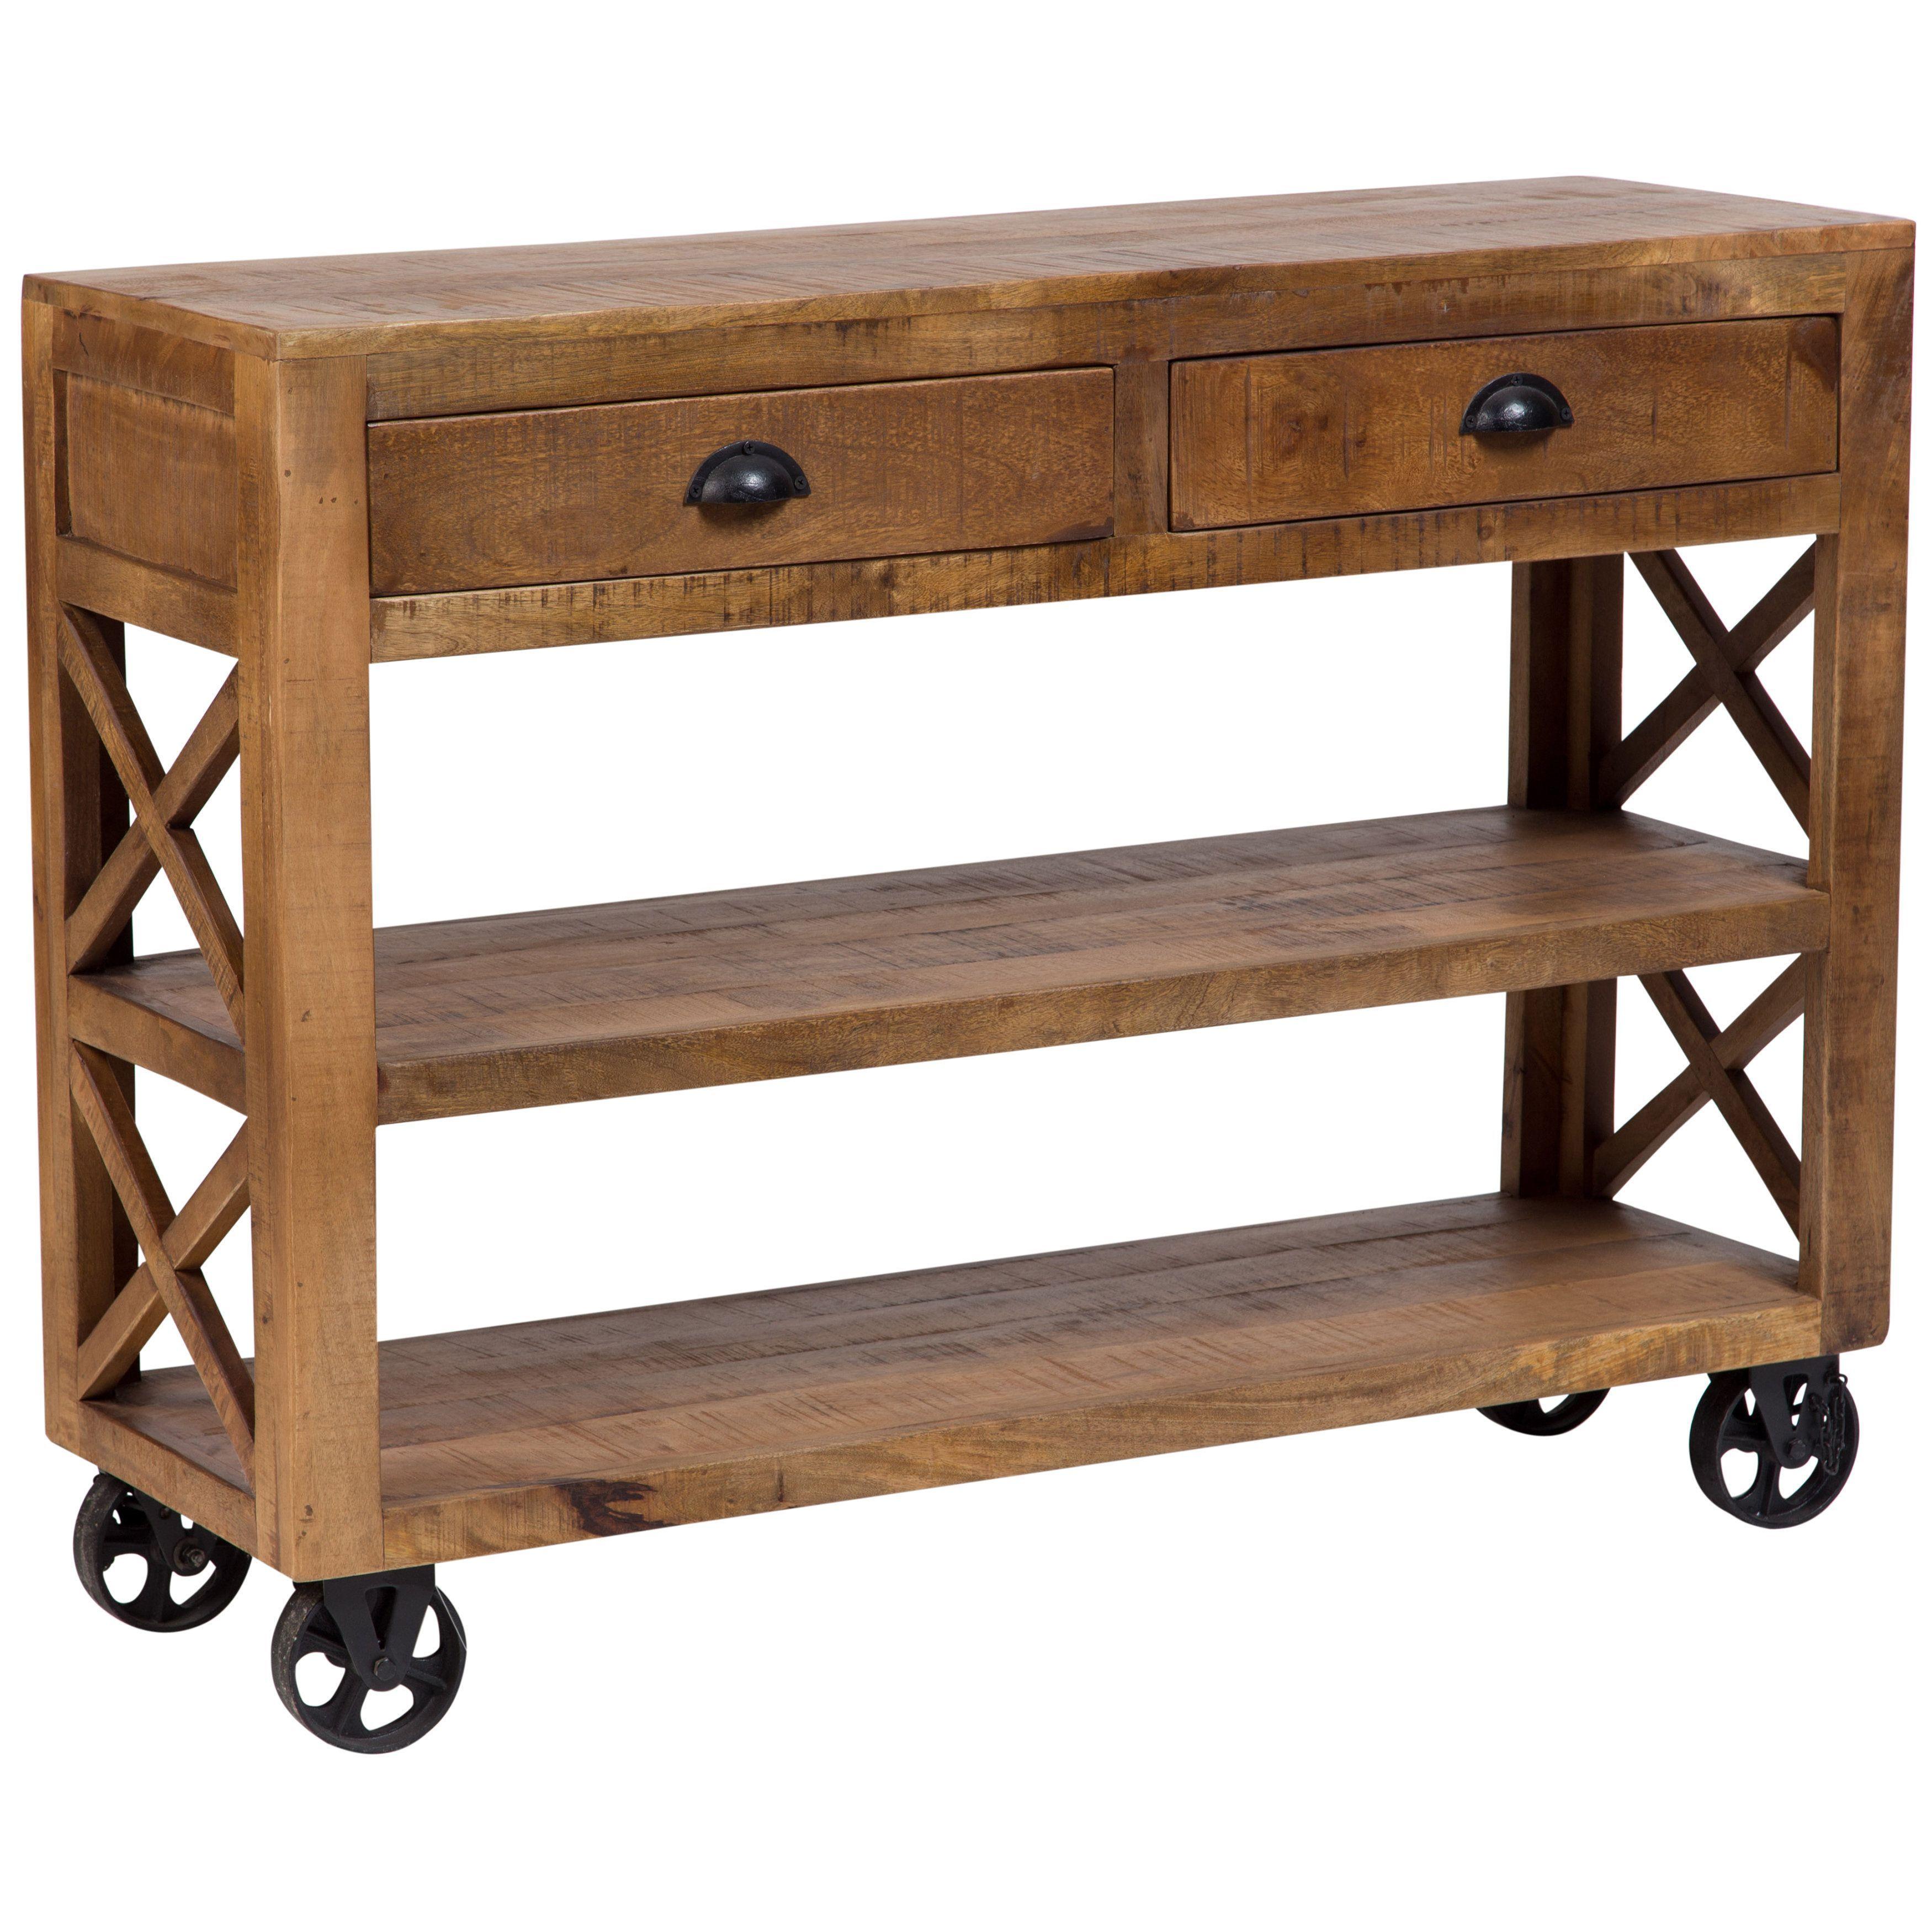 Porter International Designs Wanderloot Barn Door Wooden Trolley